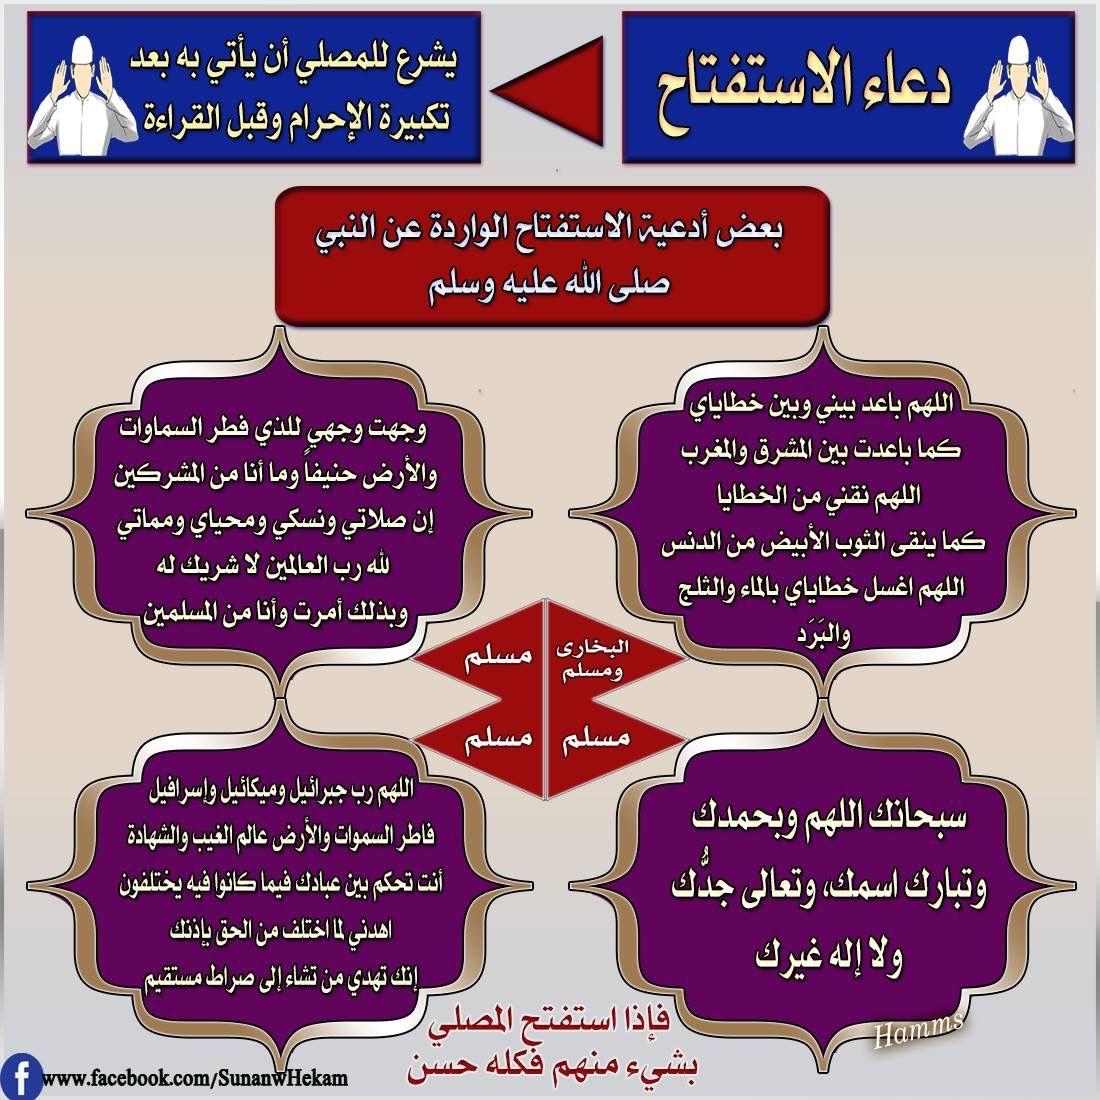 أدعية استفتاح الصلاة